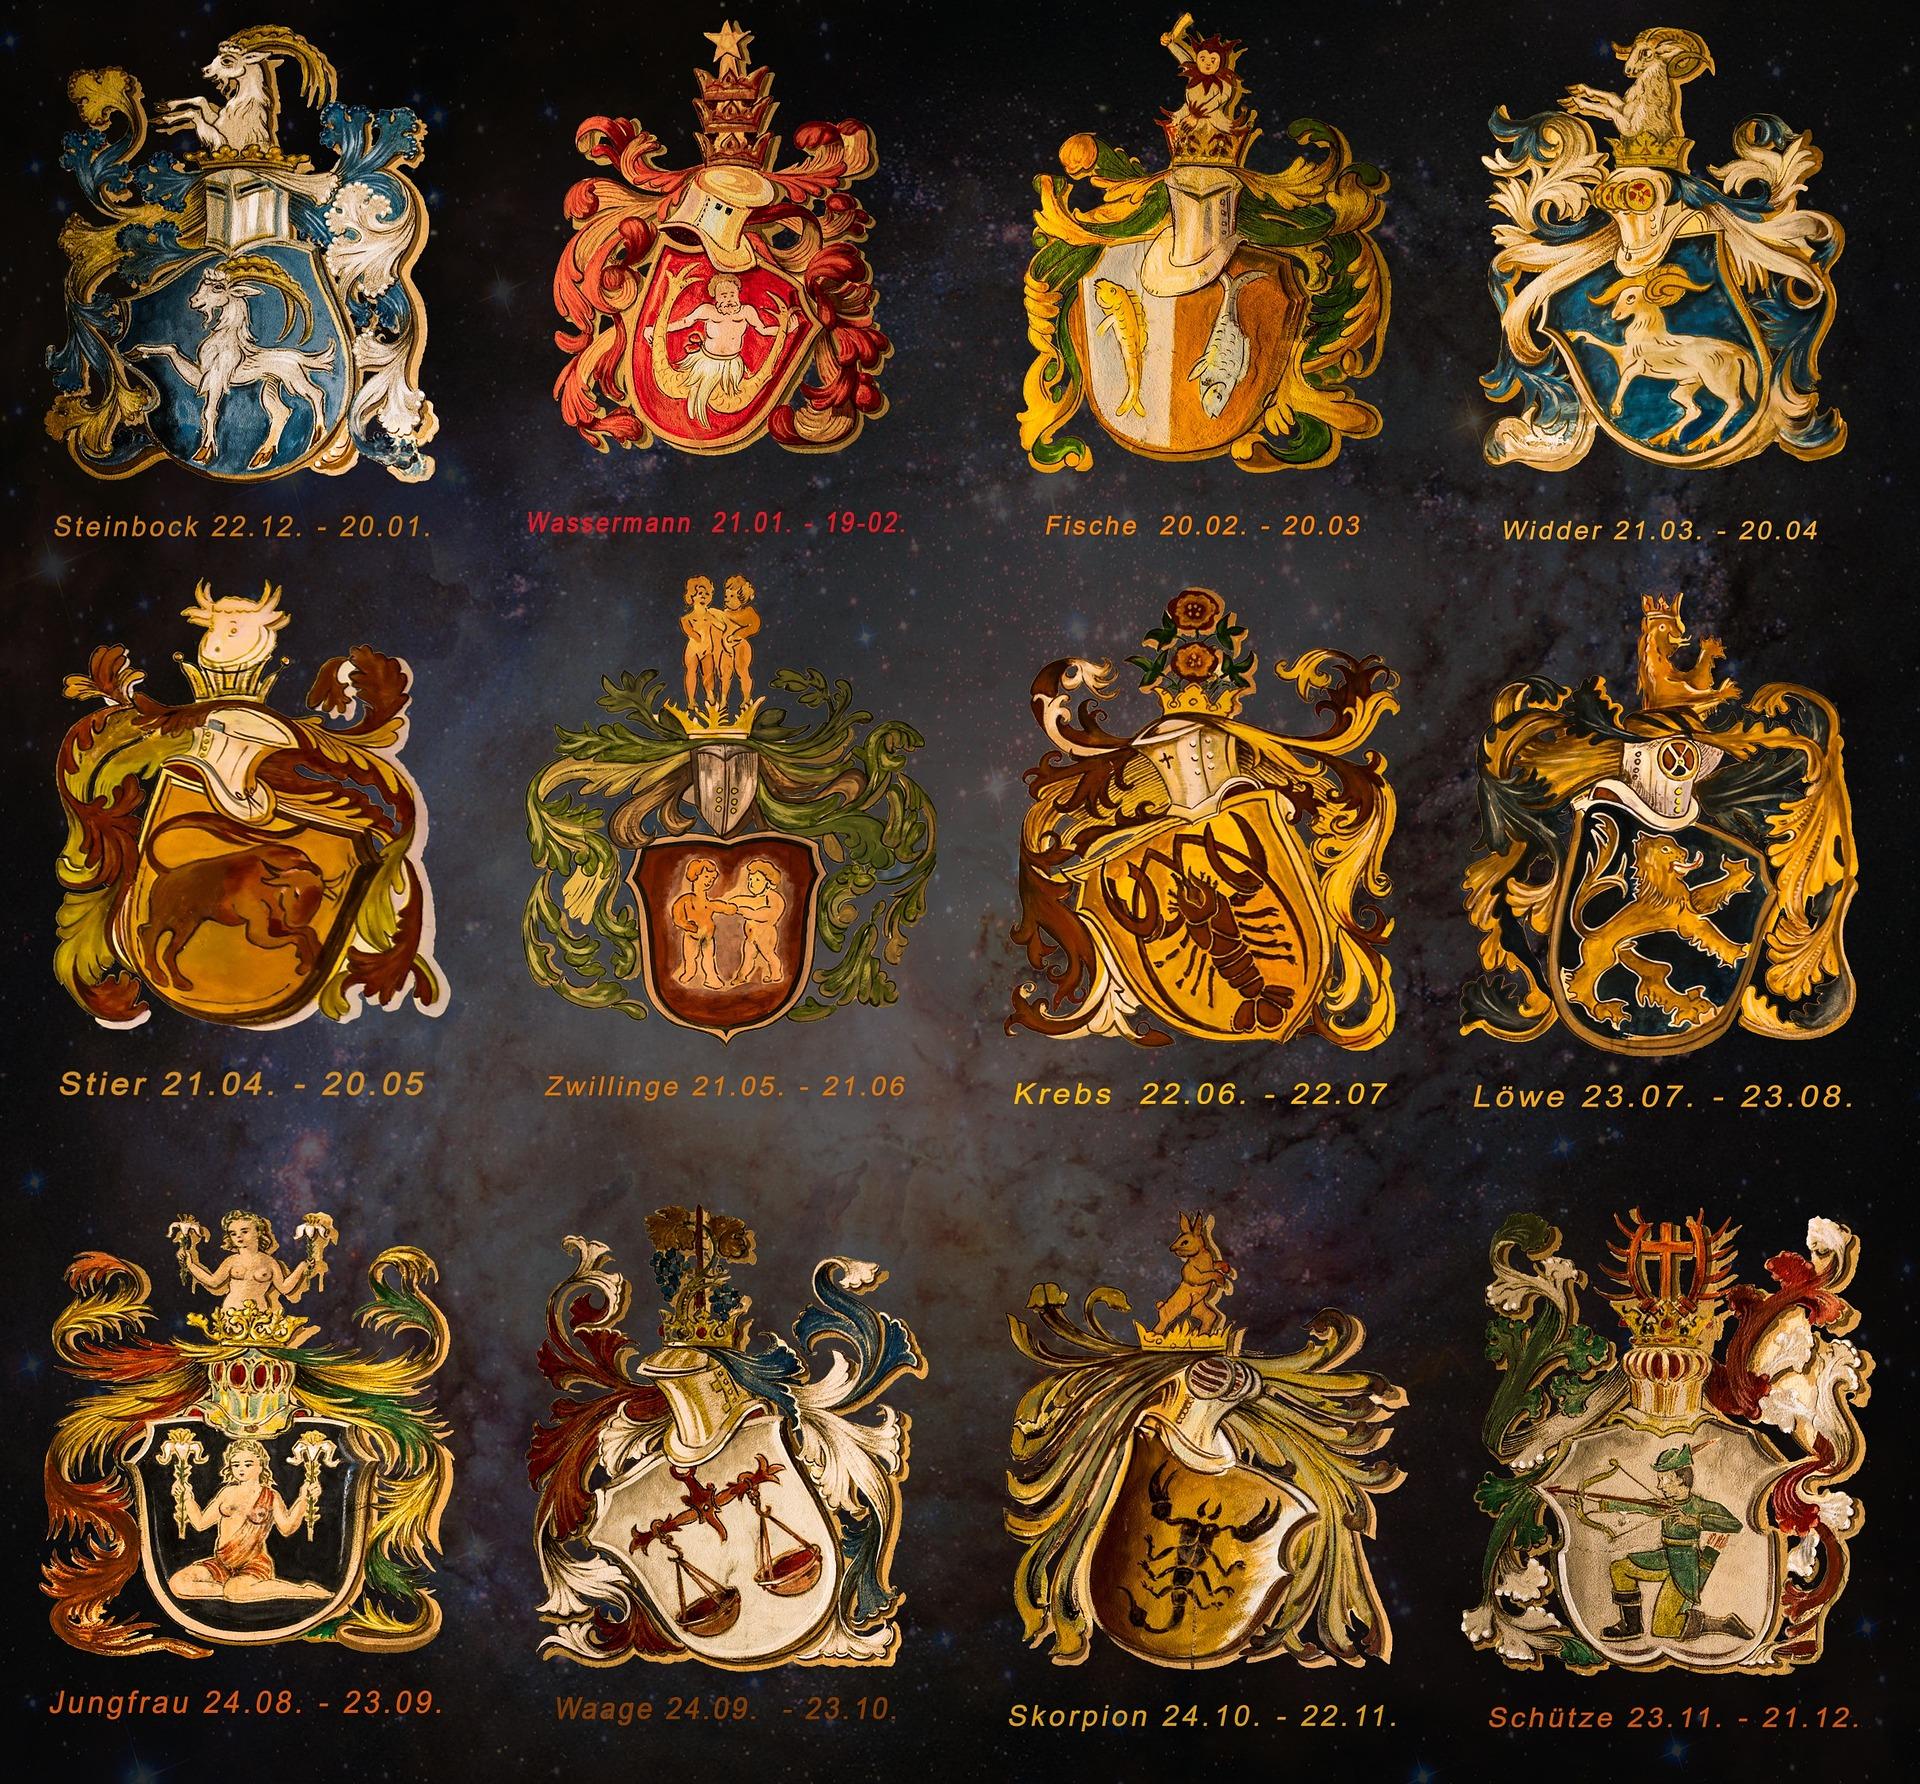 Activarea sectoarelor astrologice